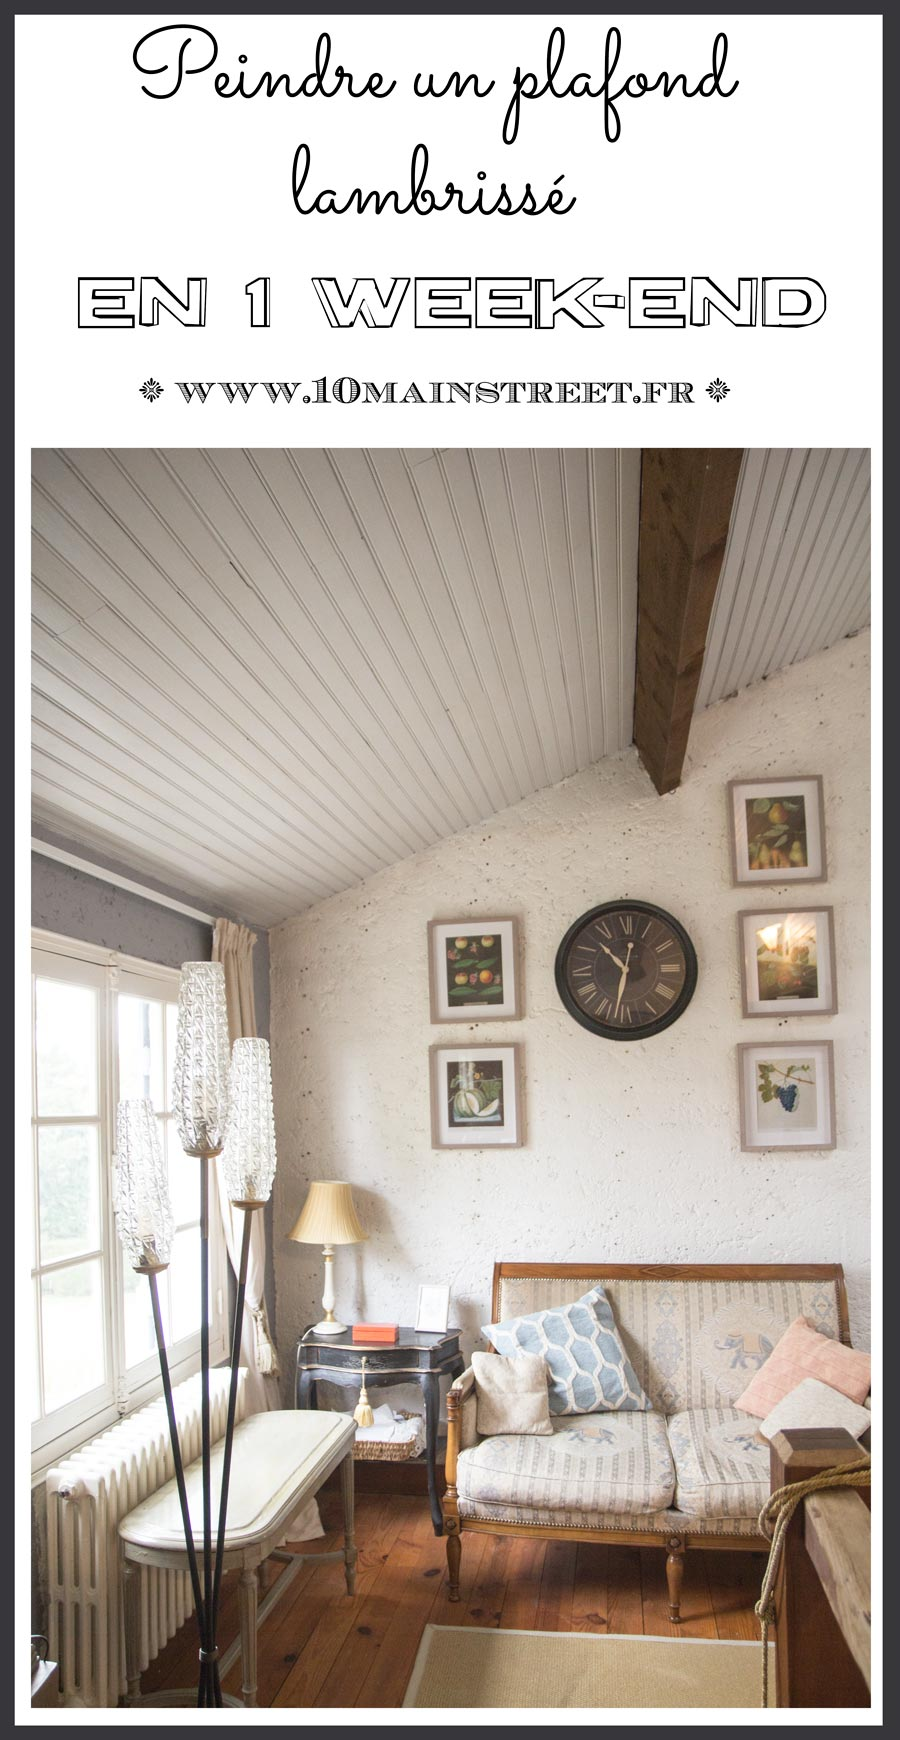 La Peinture Du Plafond En Lambris Vous A Plu ? Partagez Le Sur Pinterest  Avec Cette Photo !